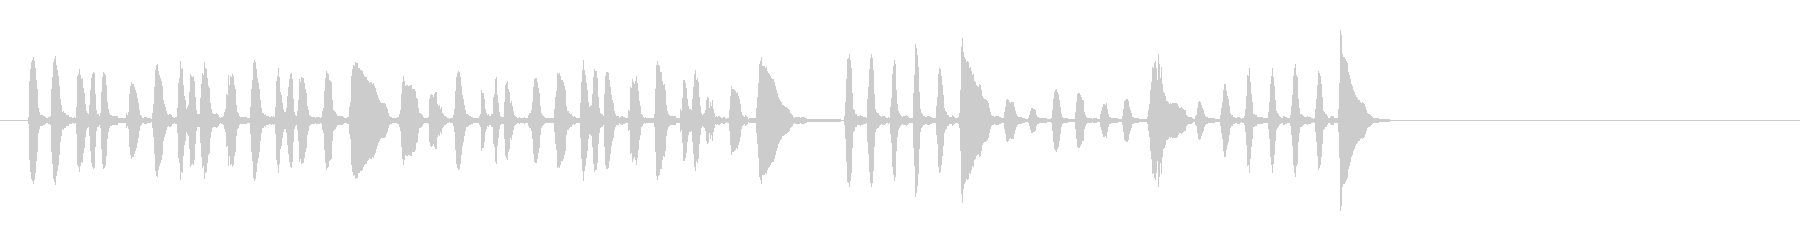 トランペットビューグルコール(ずさ...の未再生の波形